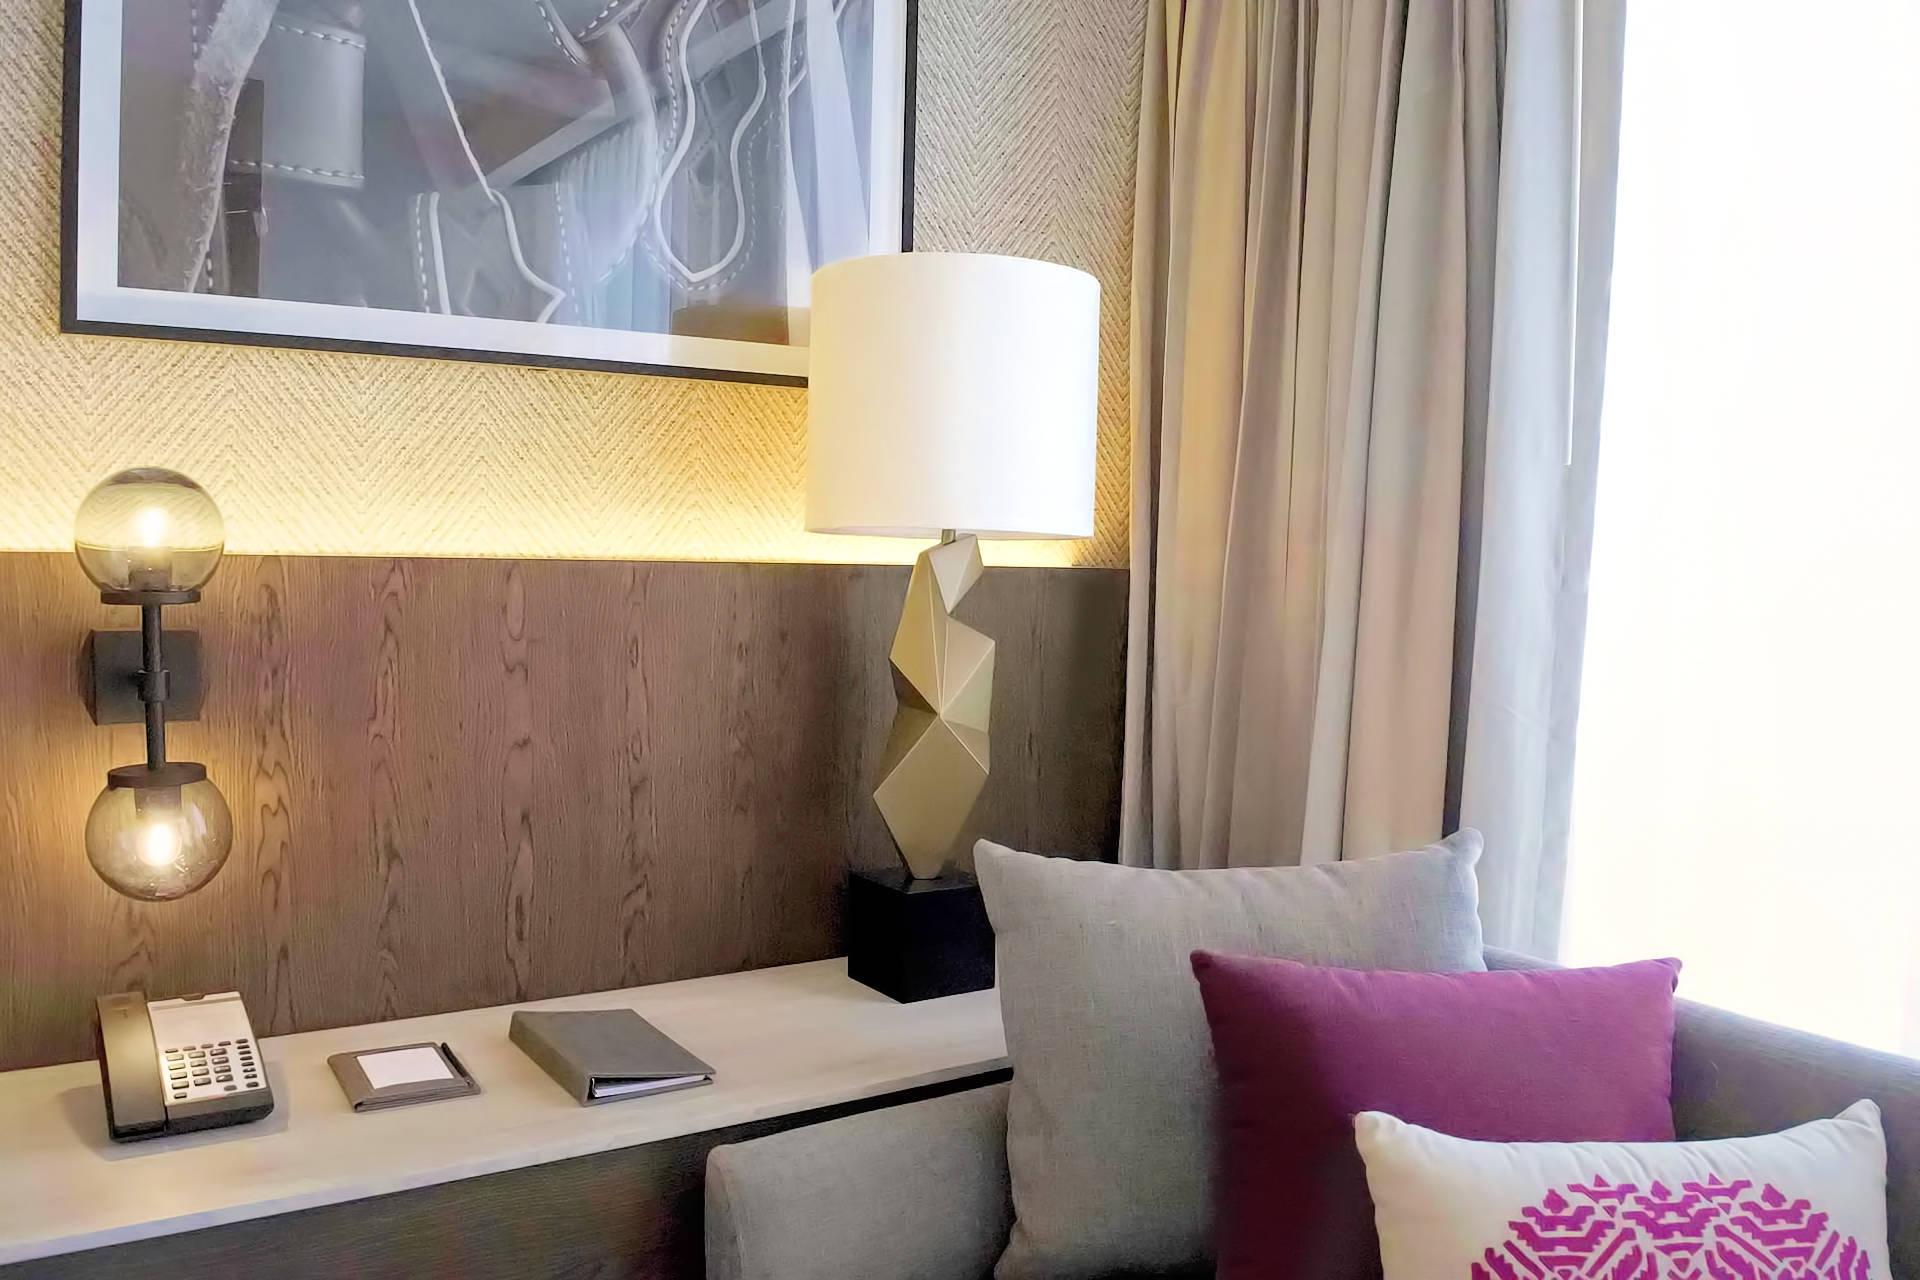 Proyecto Hotel Hyatt Regency Andares Karen Collignon # Muebles Karen Collignon